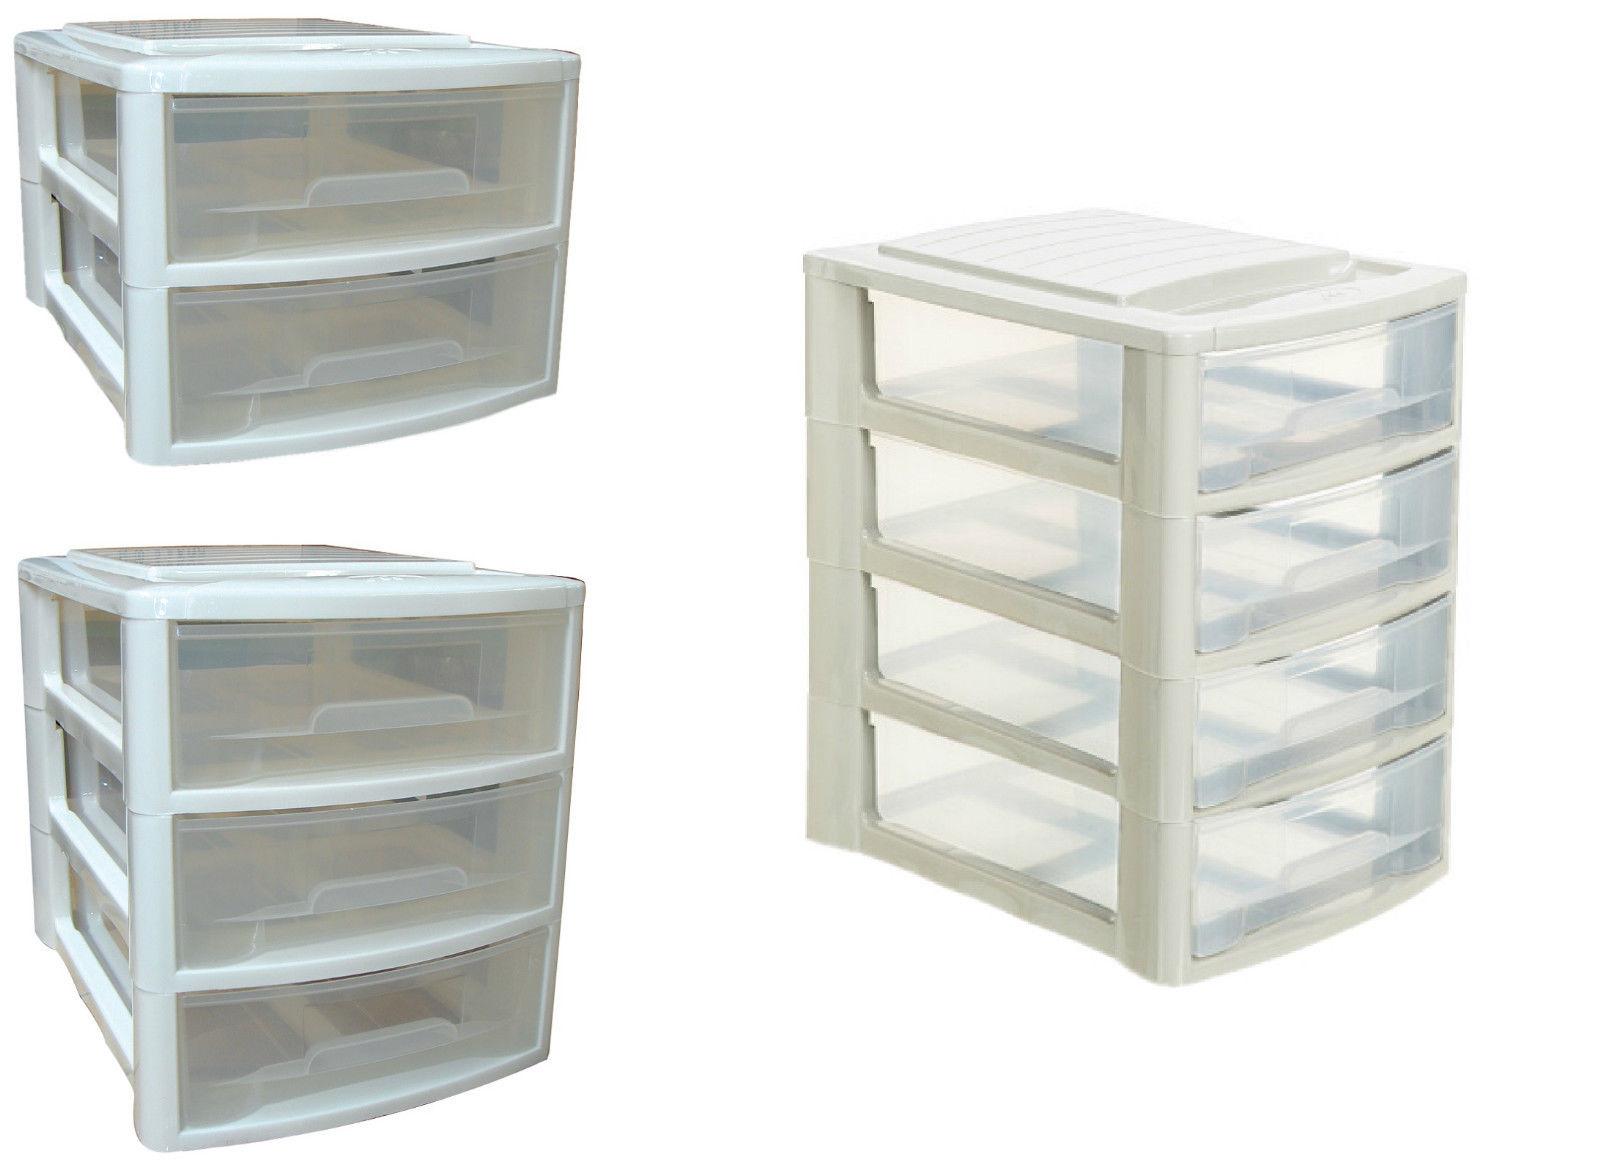 b ro stapelbox mit 2 4 schubladen frischhalten aufbewahren k che haushalt. Black Bedroom Furniture Sets. Home Design Ideas